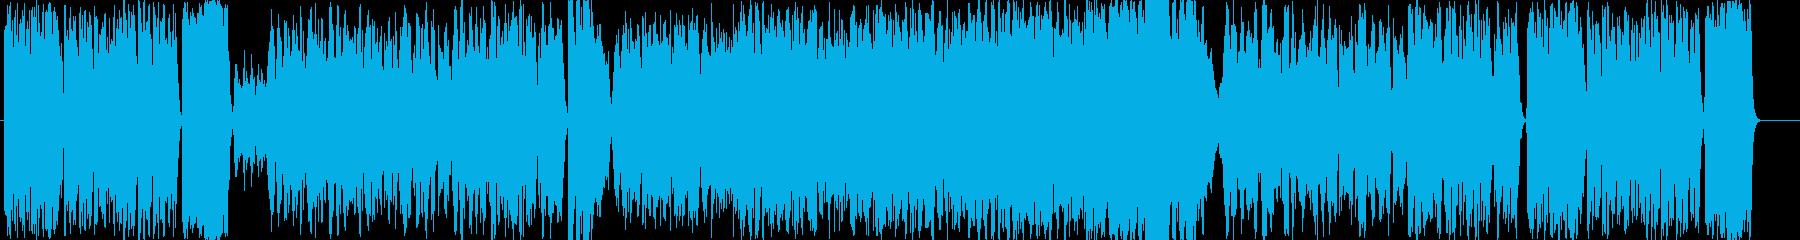 ドラマチックなヨーロピアン・クラシカルの再生済みの波形